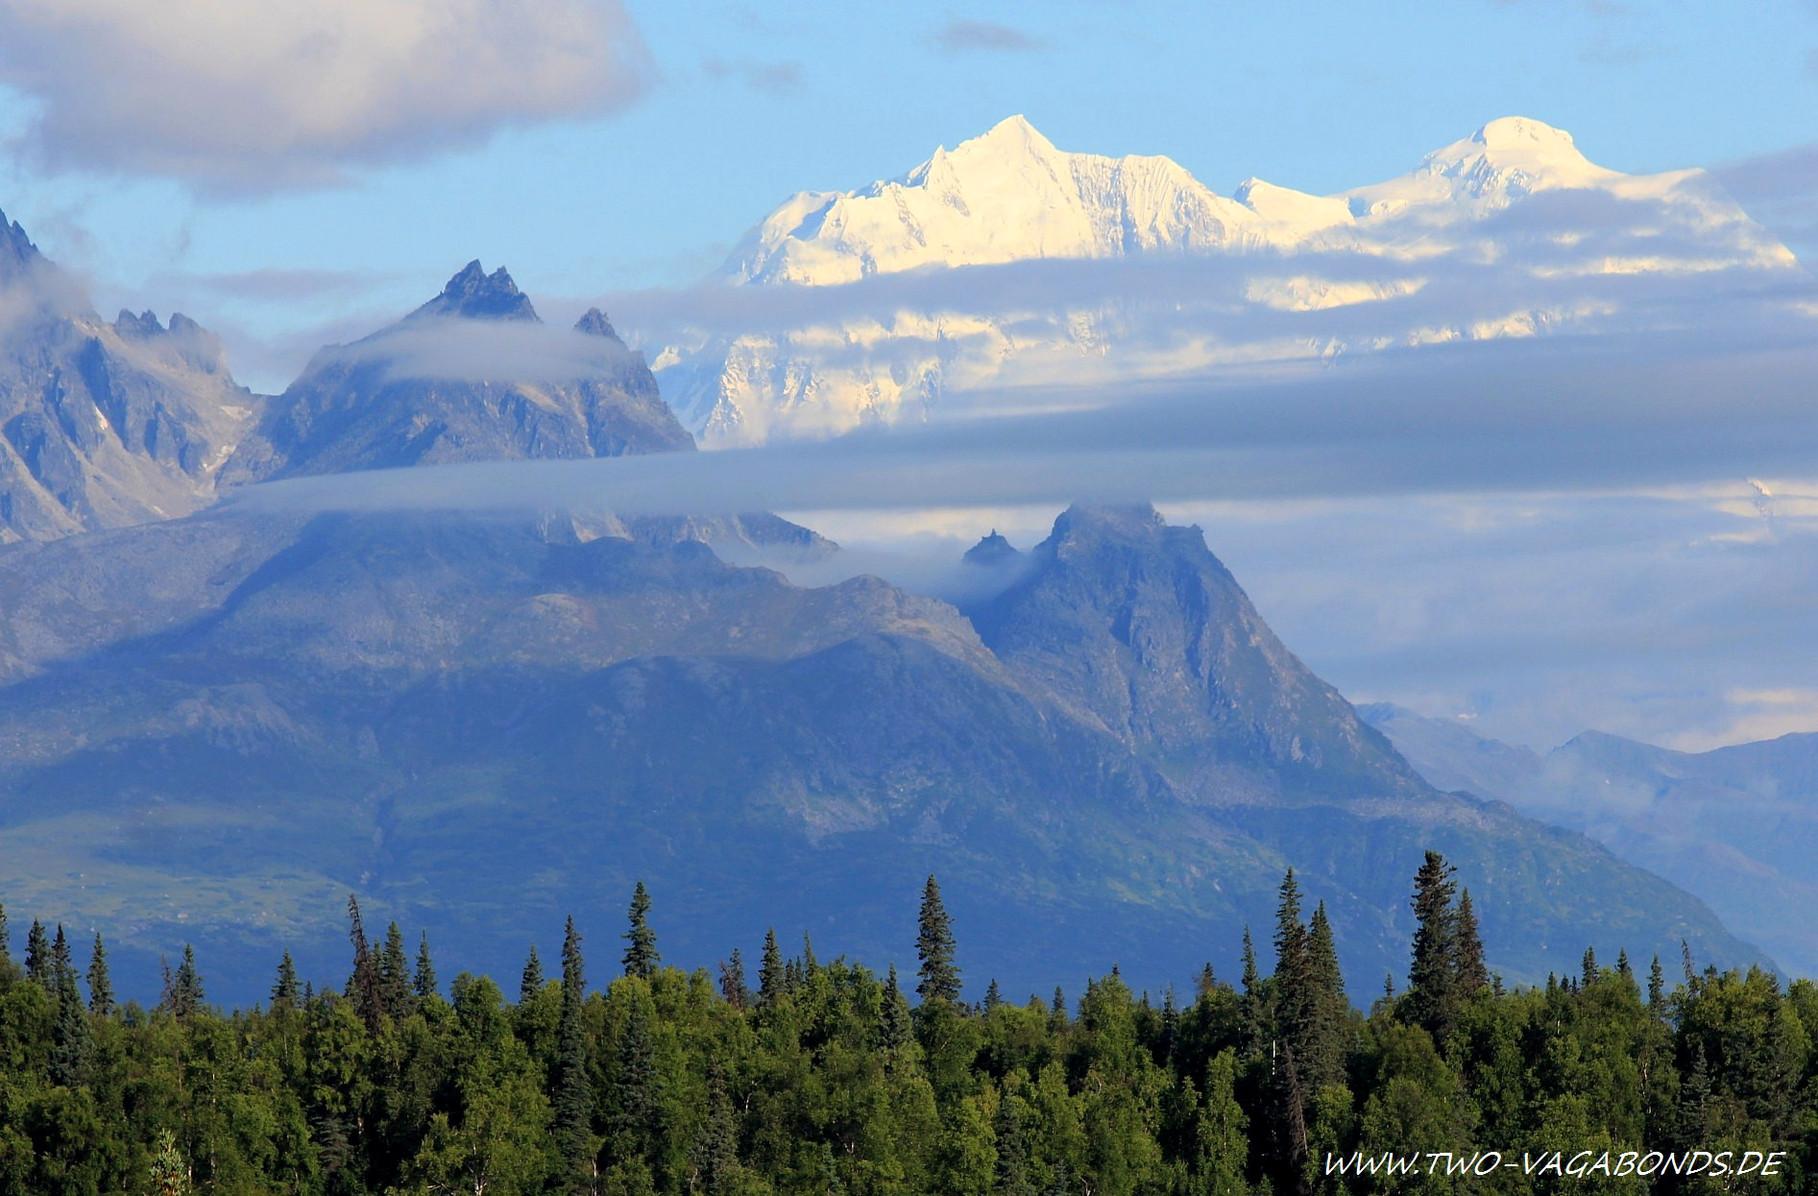 ALASKA 2011 - MOUNT HUNTER